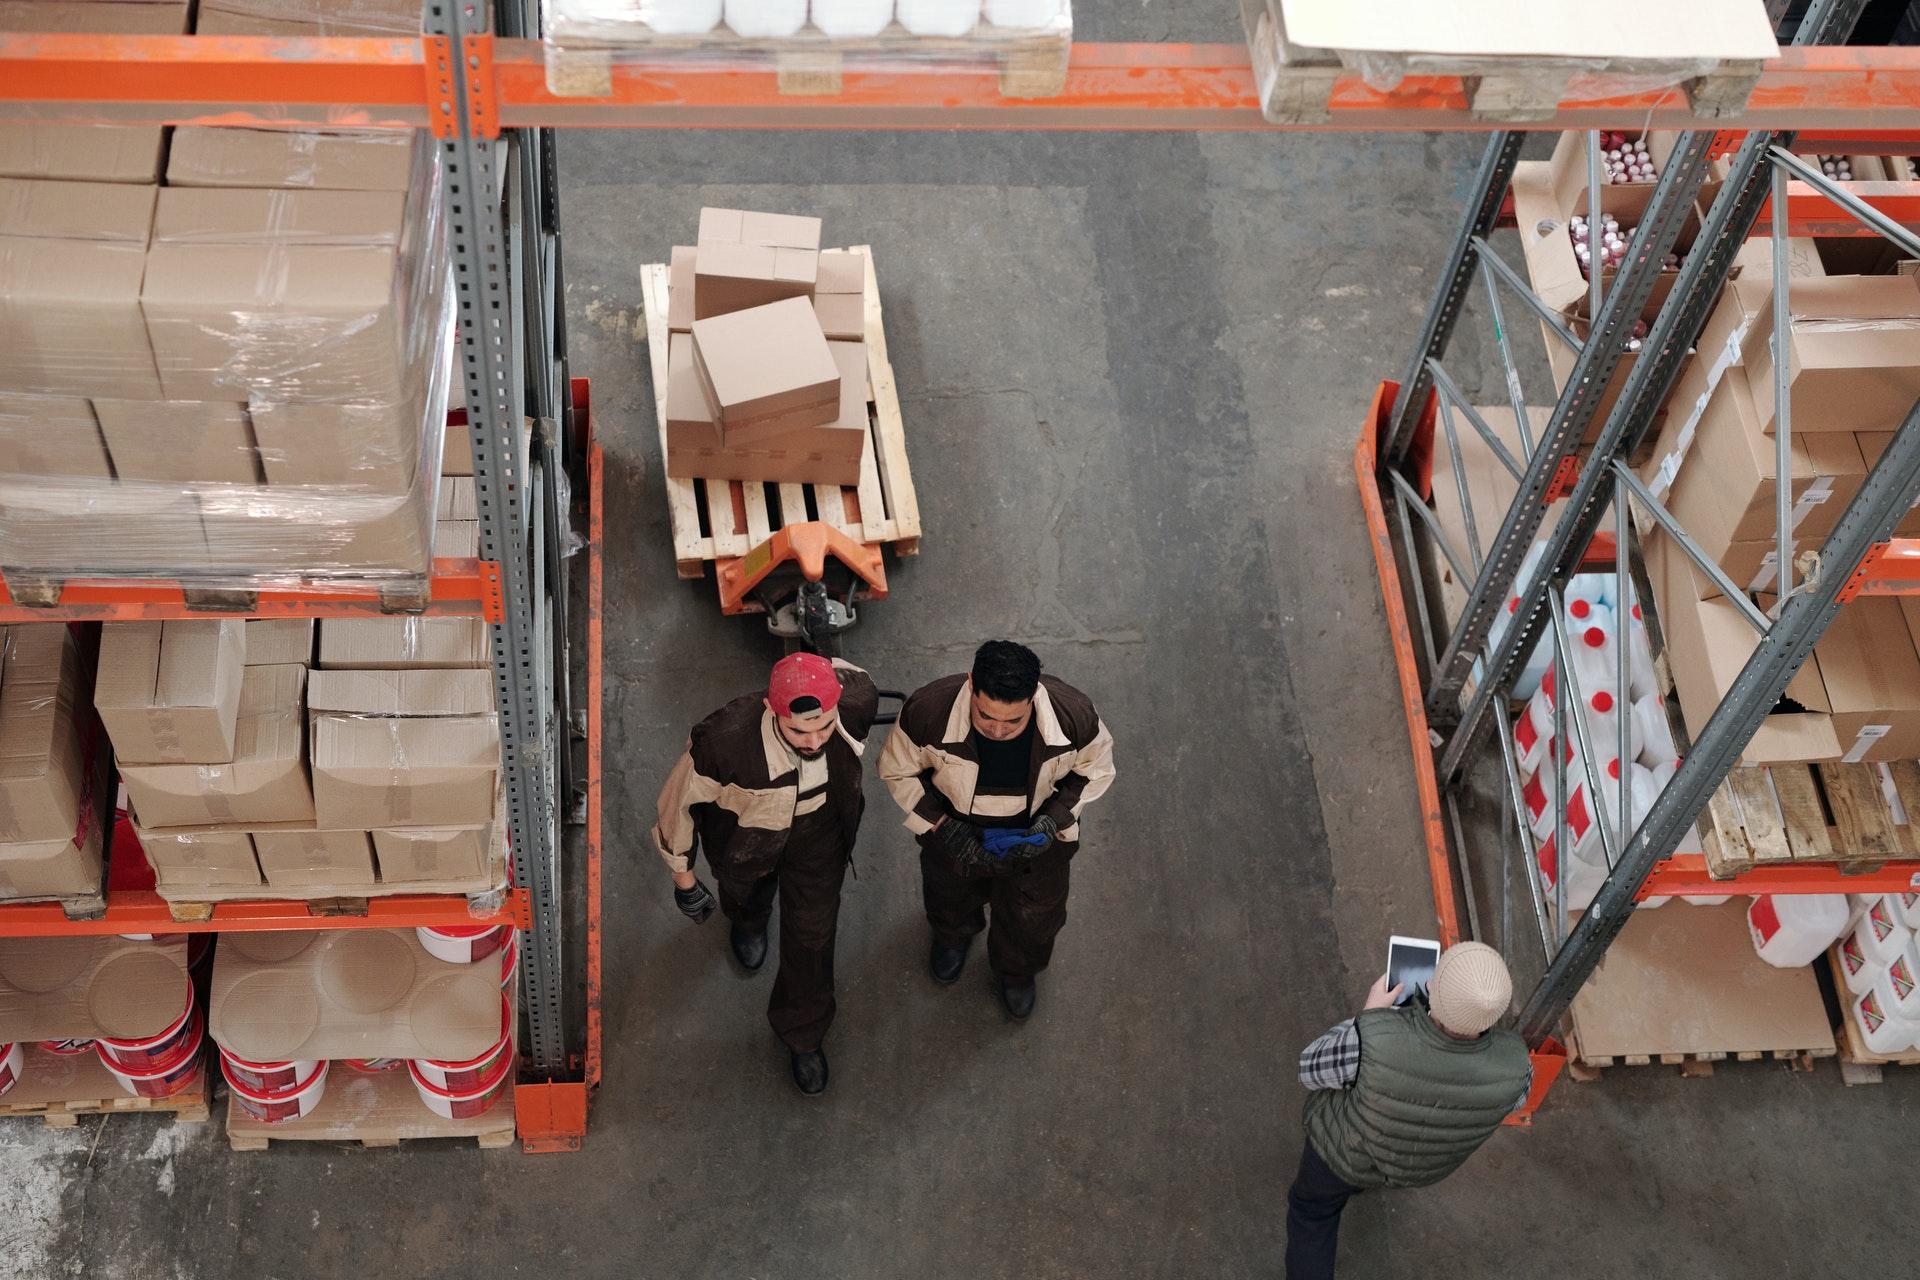 amazon wholesale business - AmazinEcommerce.com